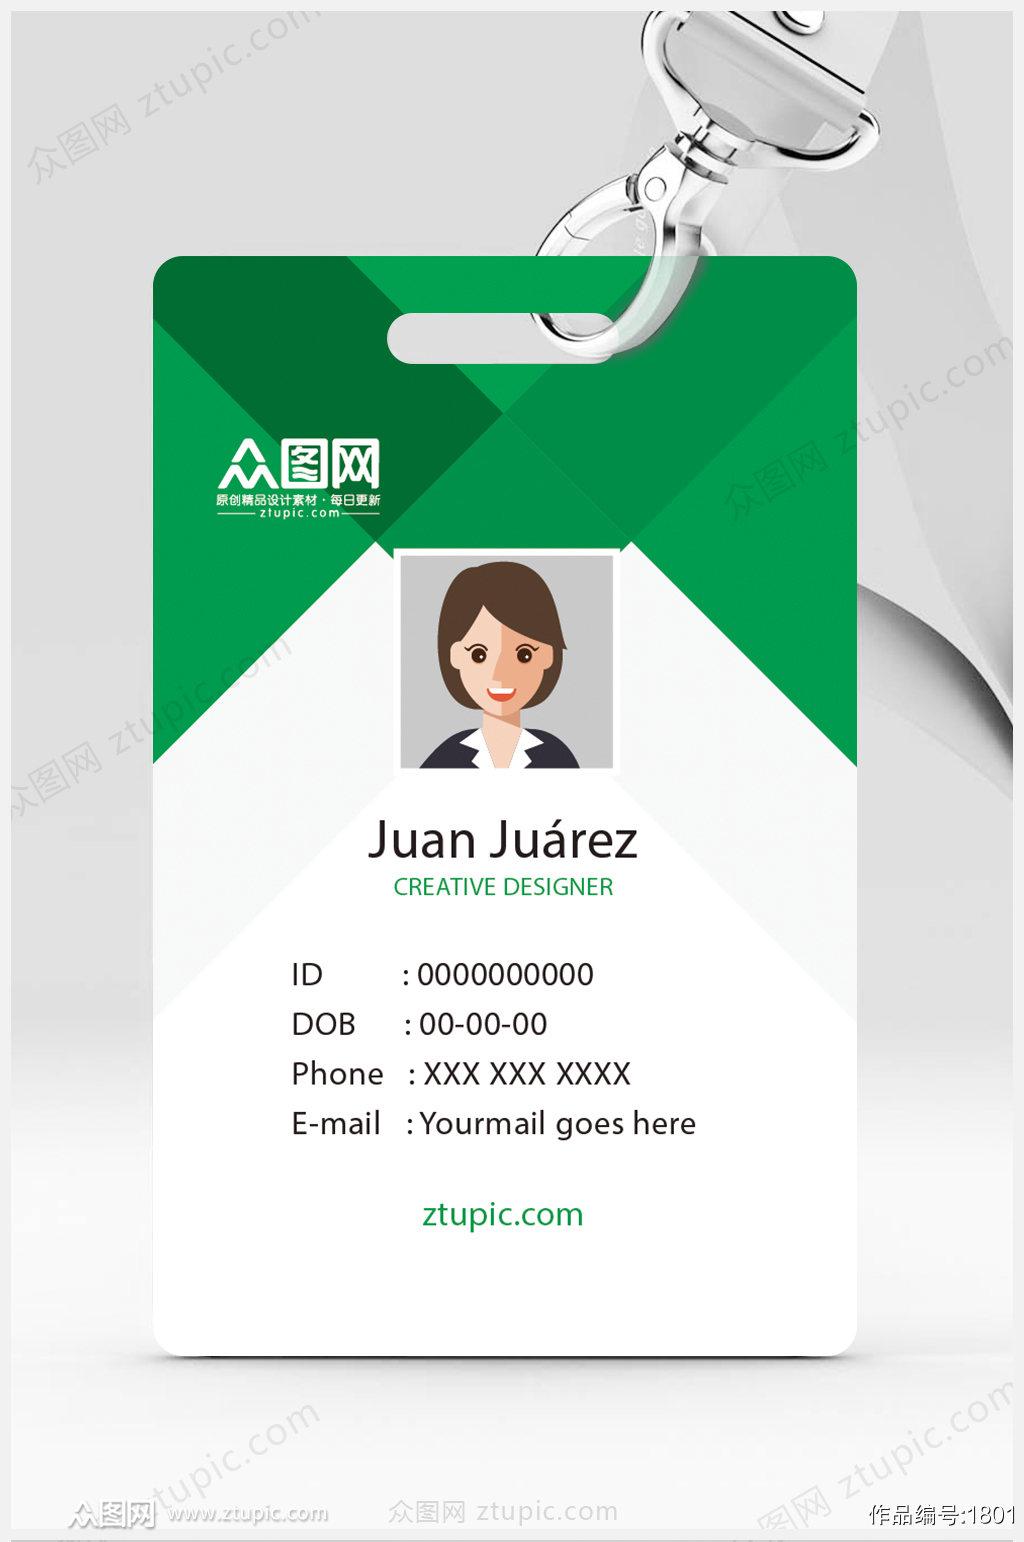 创意绿色背景个人企业工作牌工作证素材